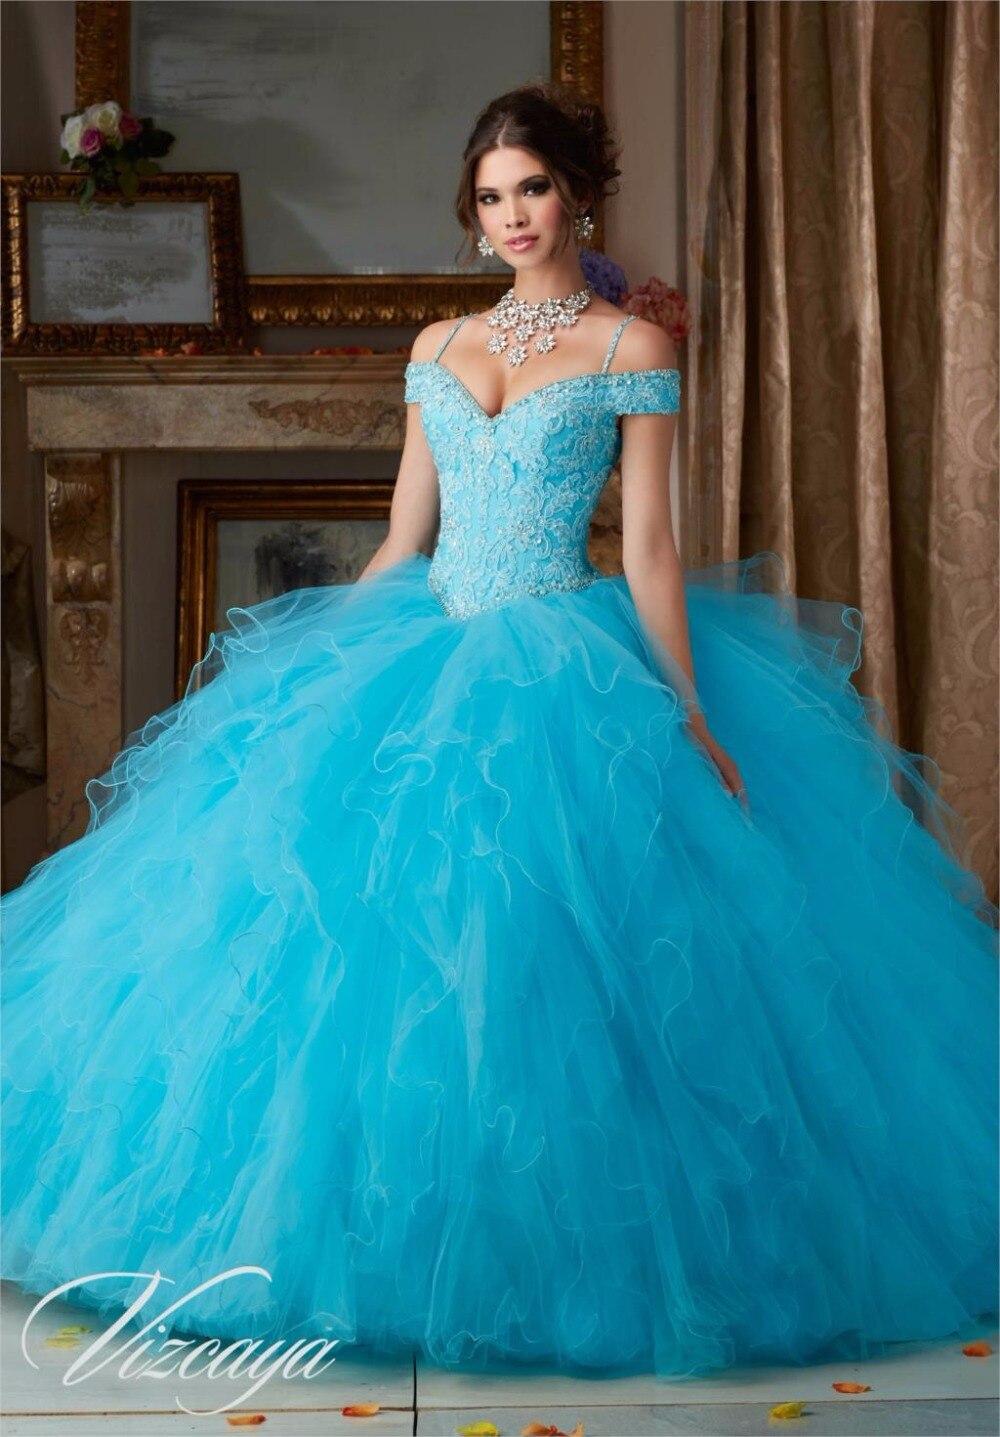 Pas cher Corail Bleu Champagne Quinceanera Robes robe de Bal Appliques Moelleux Amovible Robes Doux 16 Pageant Robes